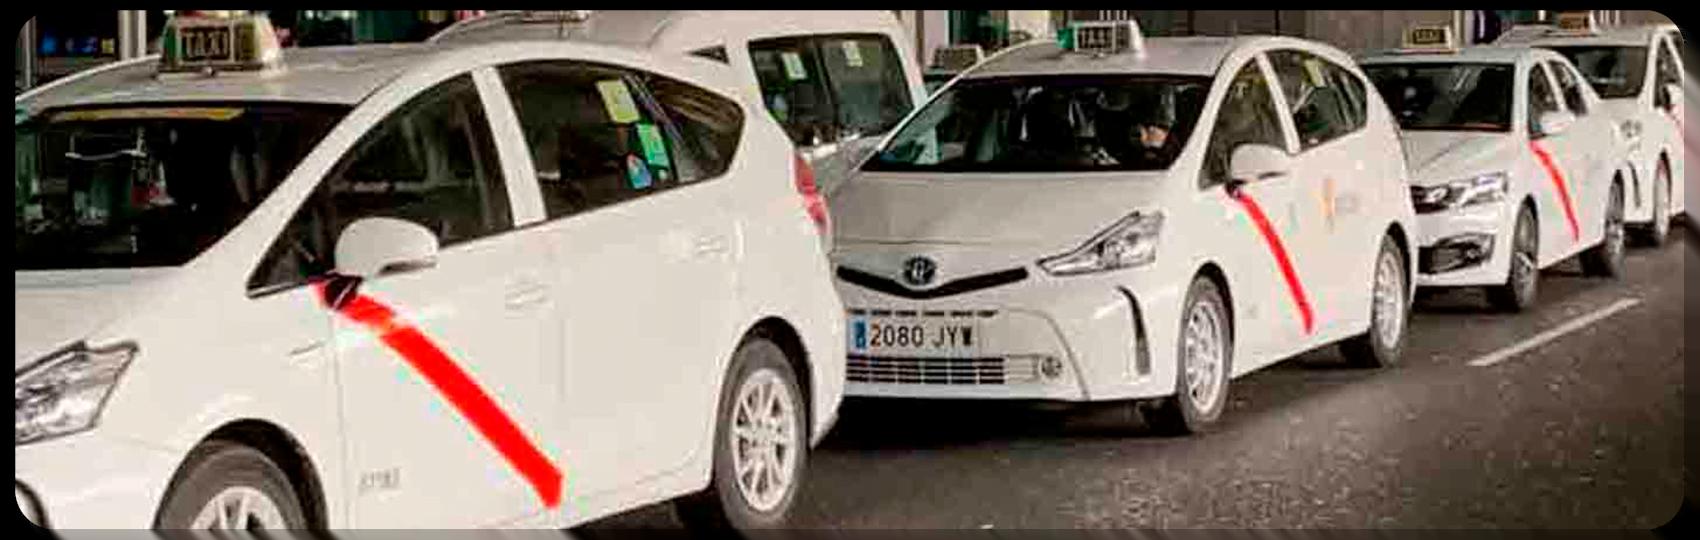 Noticias del taxi en Fuenlabrada